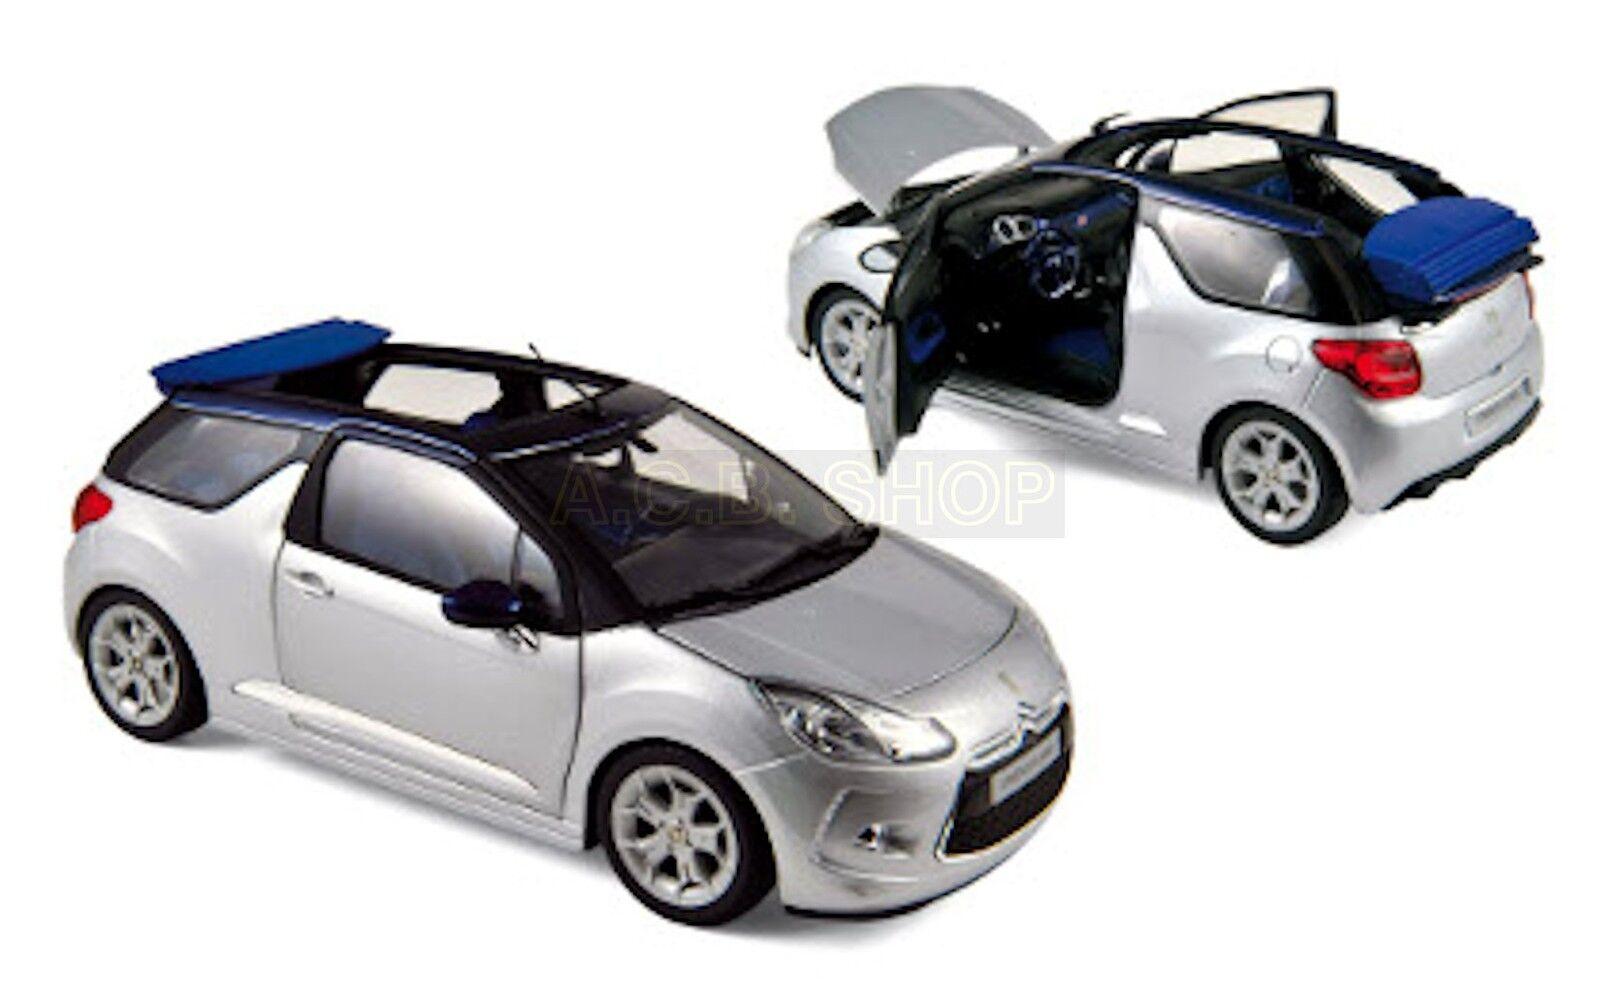 punto vendita Citroën Ds3 Cabrio 2013-15 argentooo argentooo argentooo argentooo Mettuttiico con Infini Blu 1 18 Norev  molte sorprese